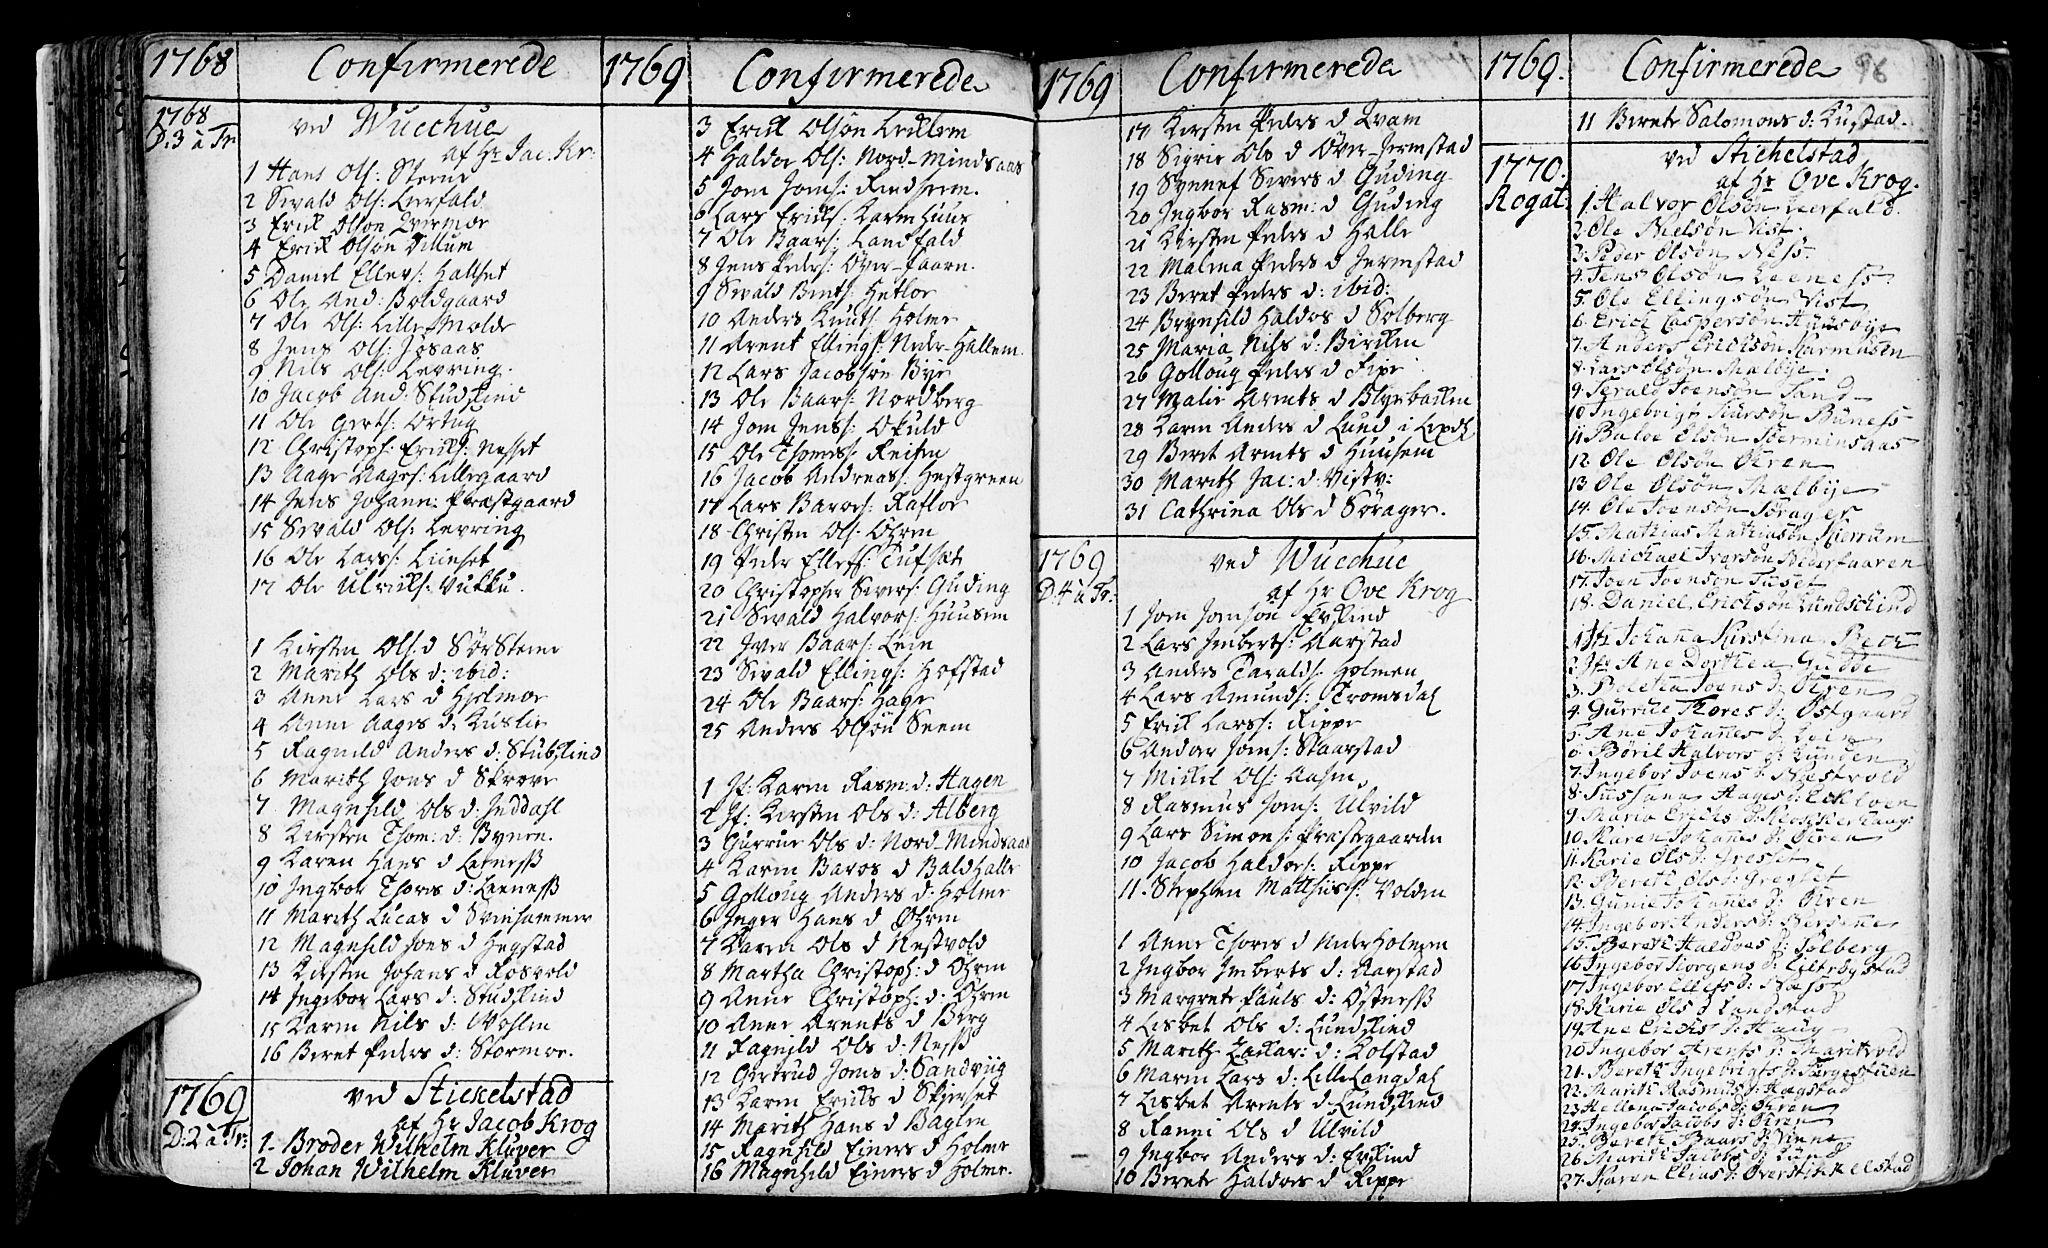 SAT, Ministerialprotokoller, klokkerbøker og fødselsregistre - Nord-Trøndelag, 723/L0231: Ministerialbok nr. 723A02, 1748-1780, s. 96